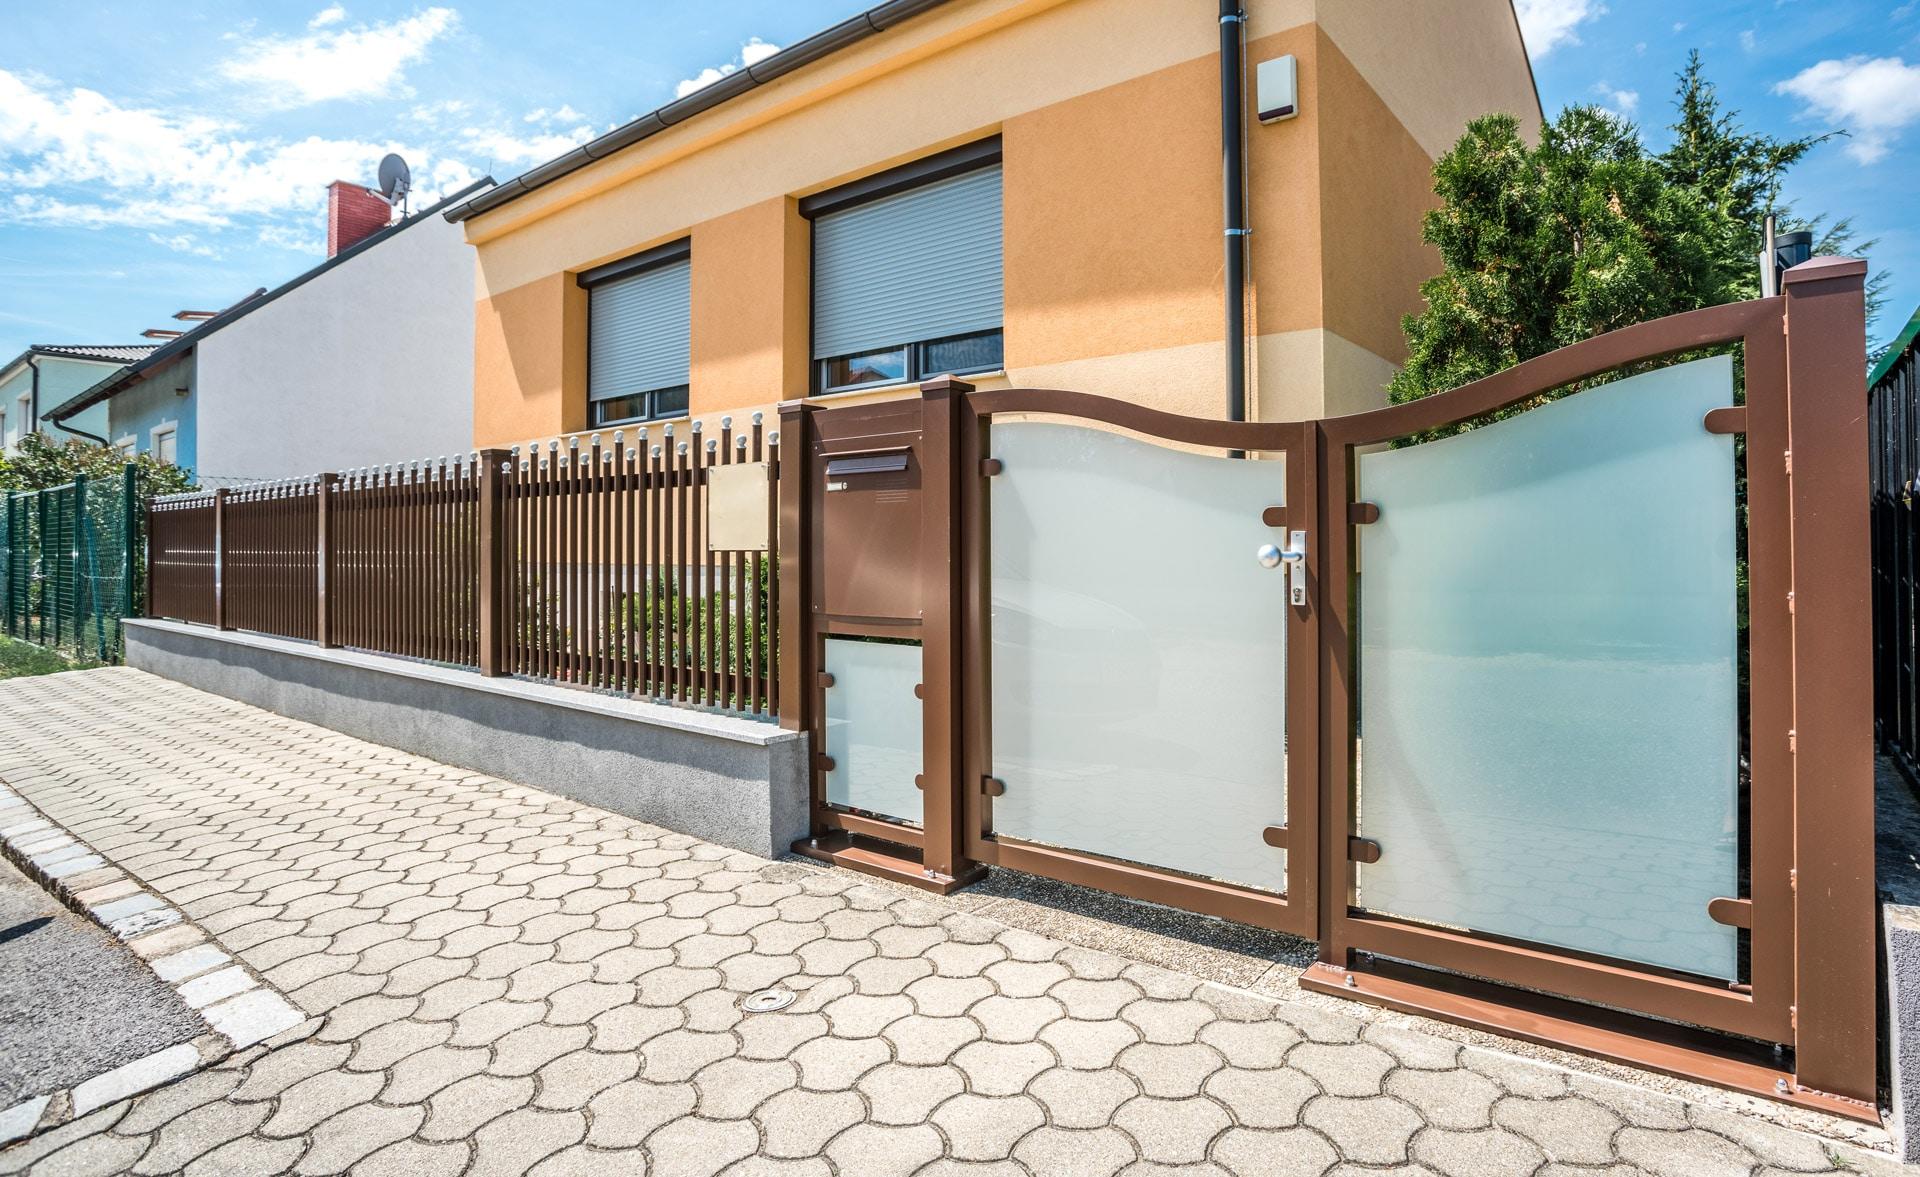 ZA Mödling 02 d | braunes Gartentürl mit matter Glasfüllung, Postkasten und Rundrohr-Zaun | Svoboda